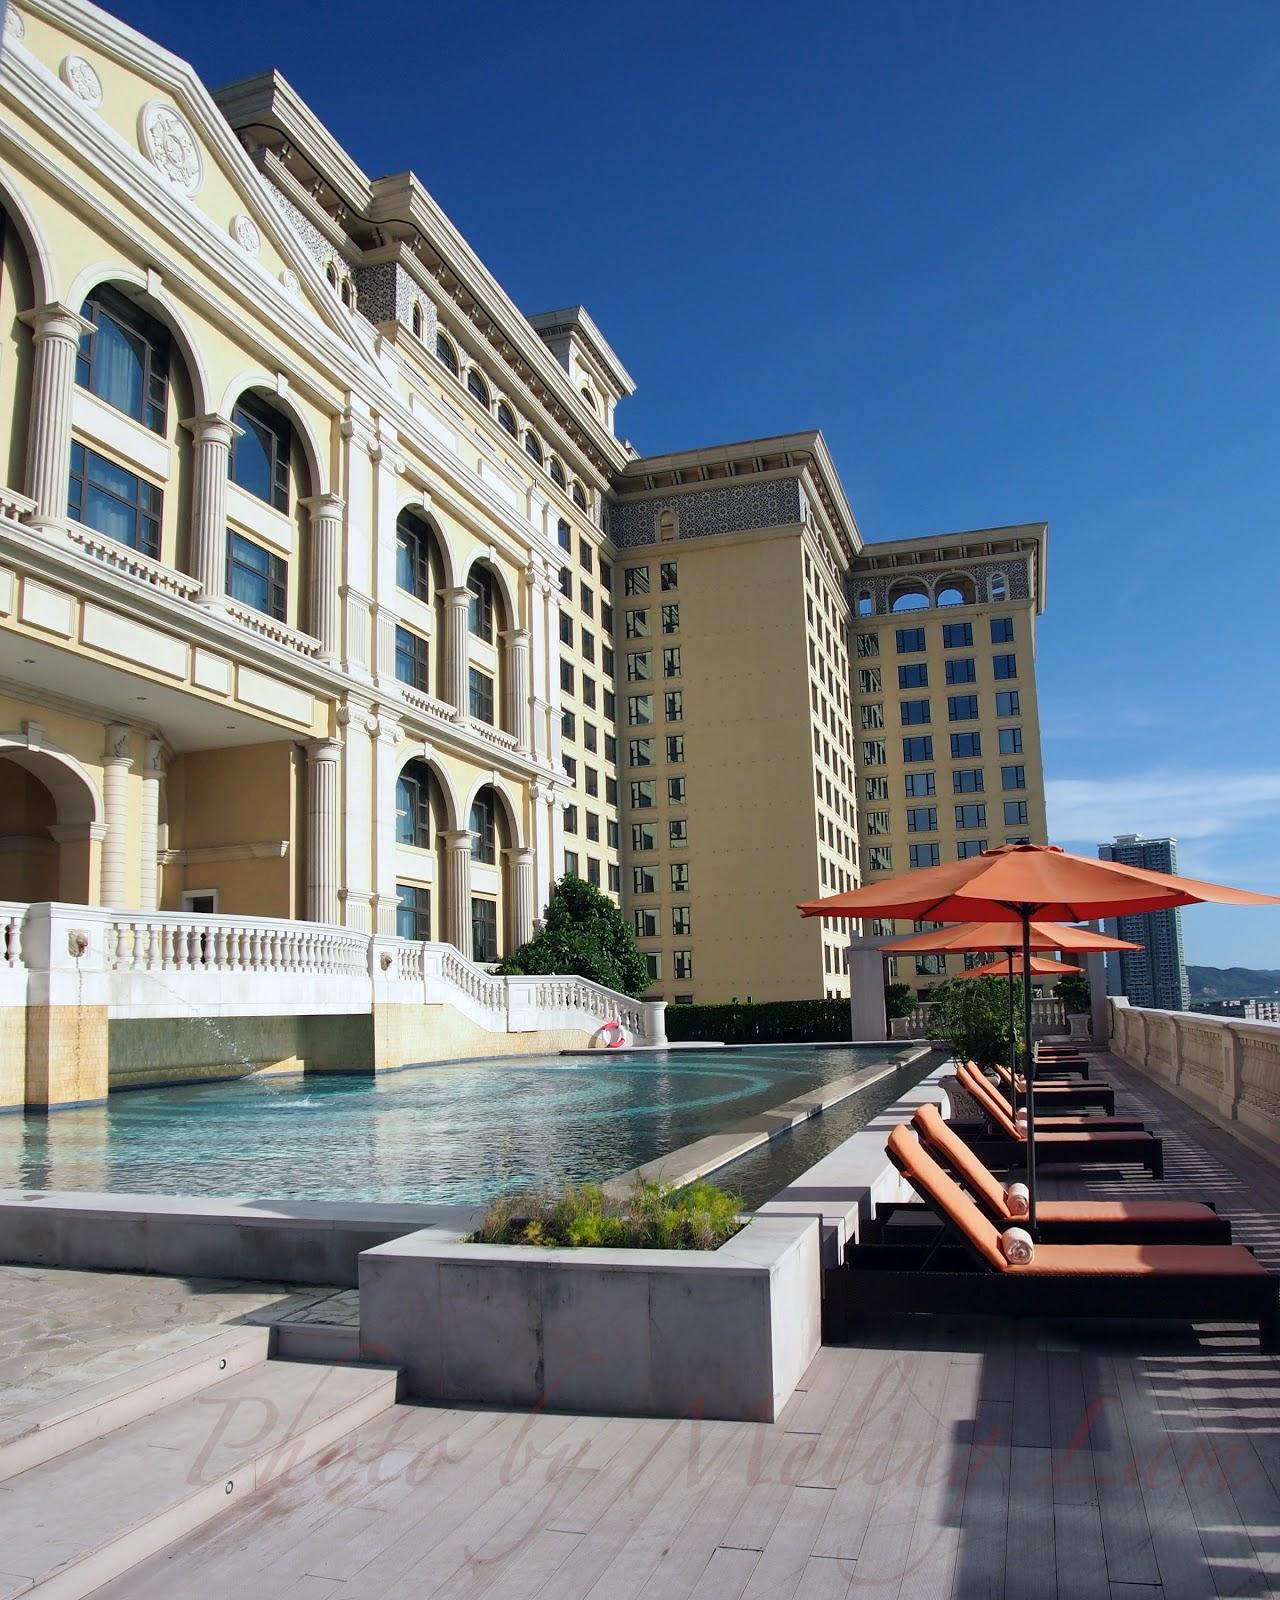 蘋果的化妝箱 by Meling Lam: 24小時美食假期 Part 3:澳門十六浦索菲特酒店 Sofitel Mansion